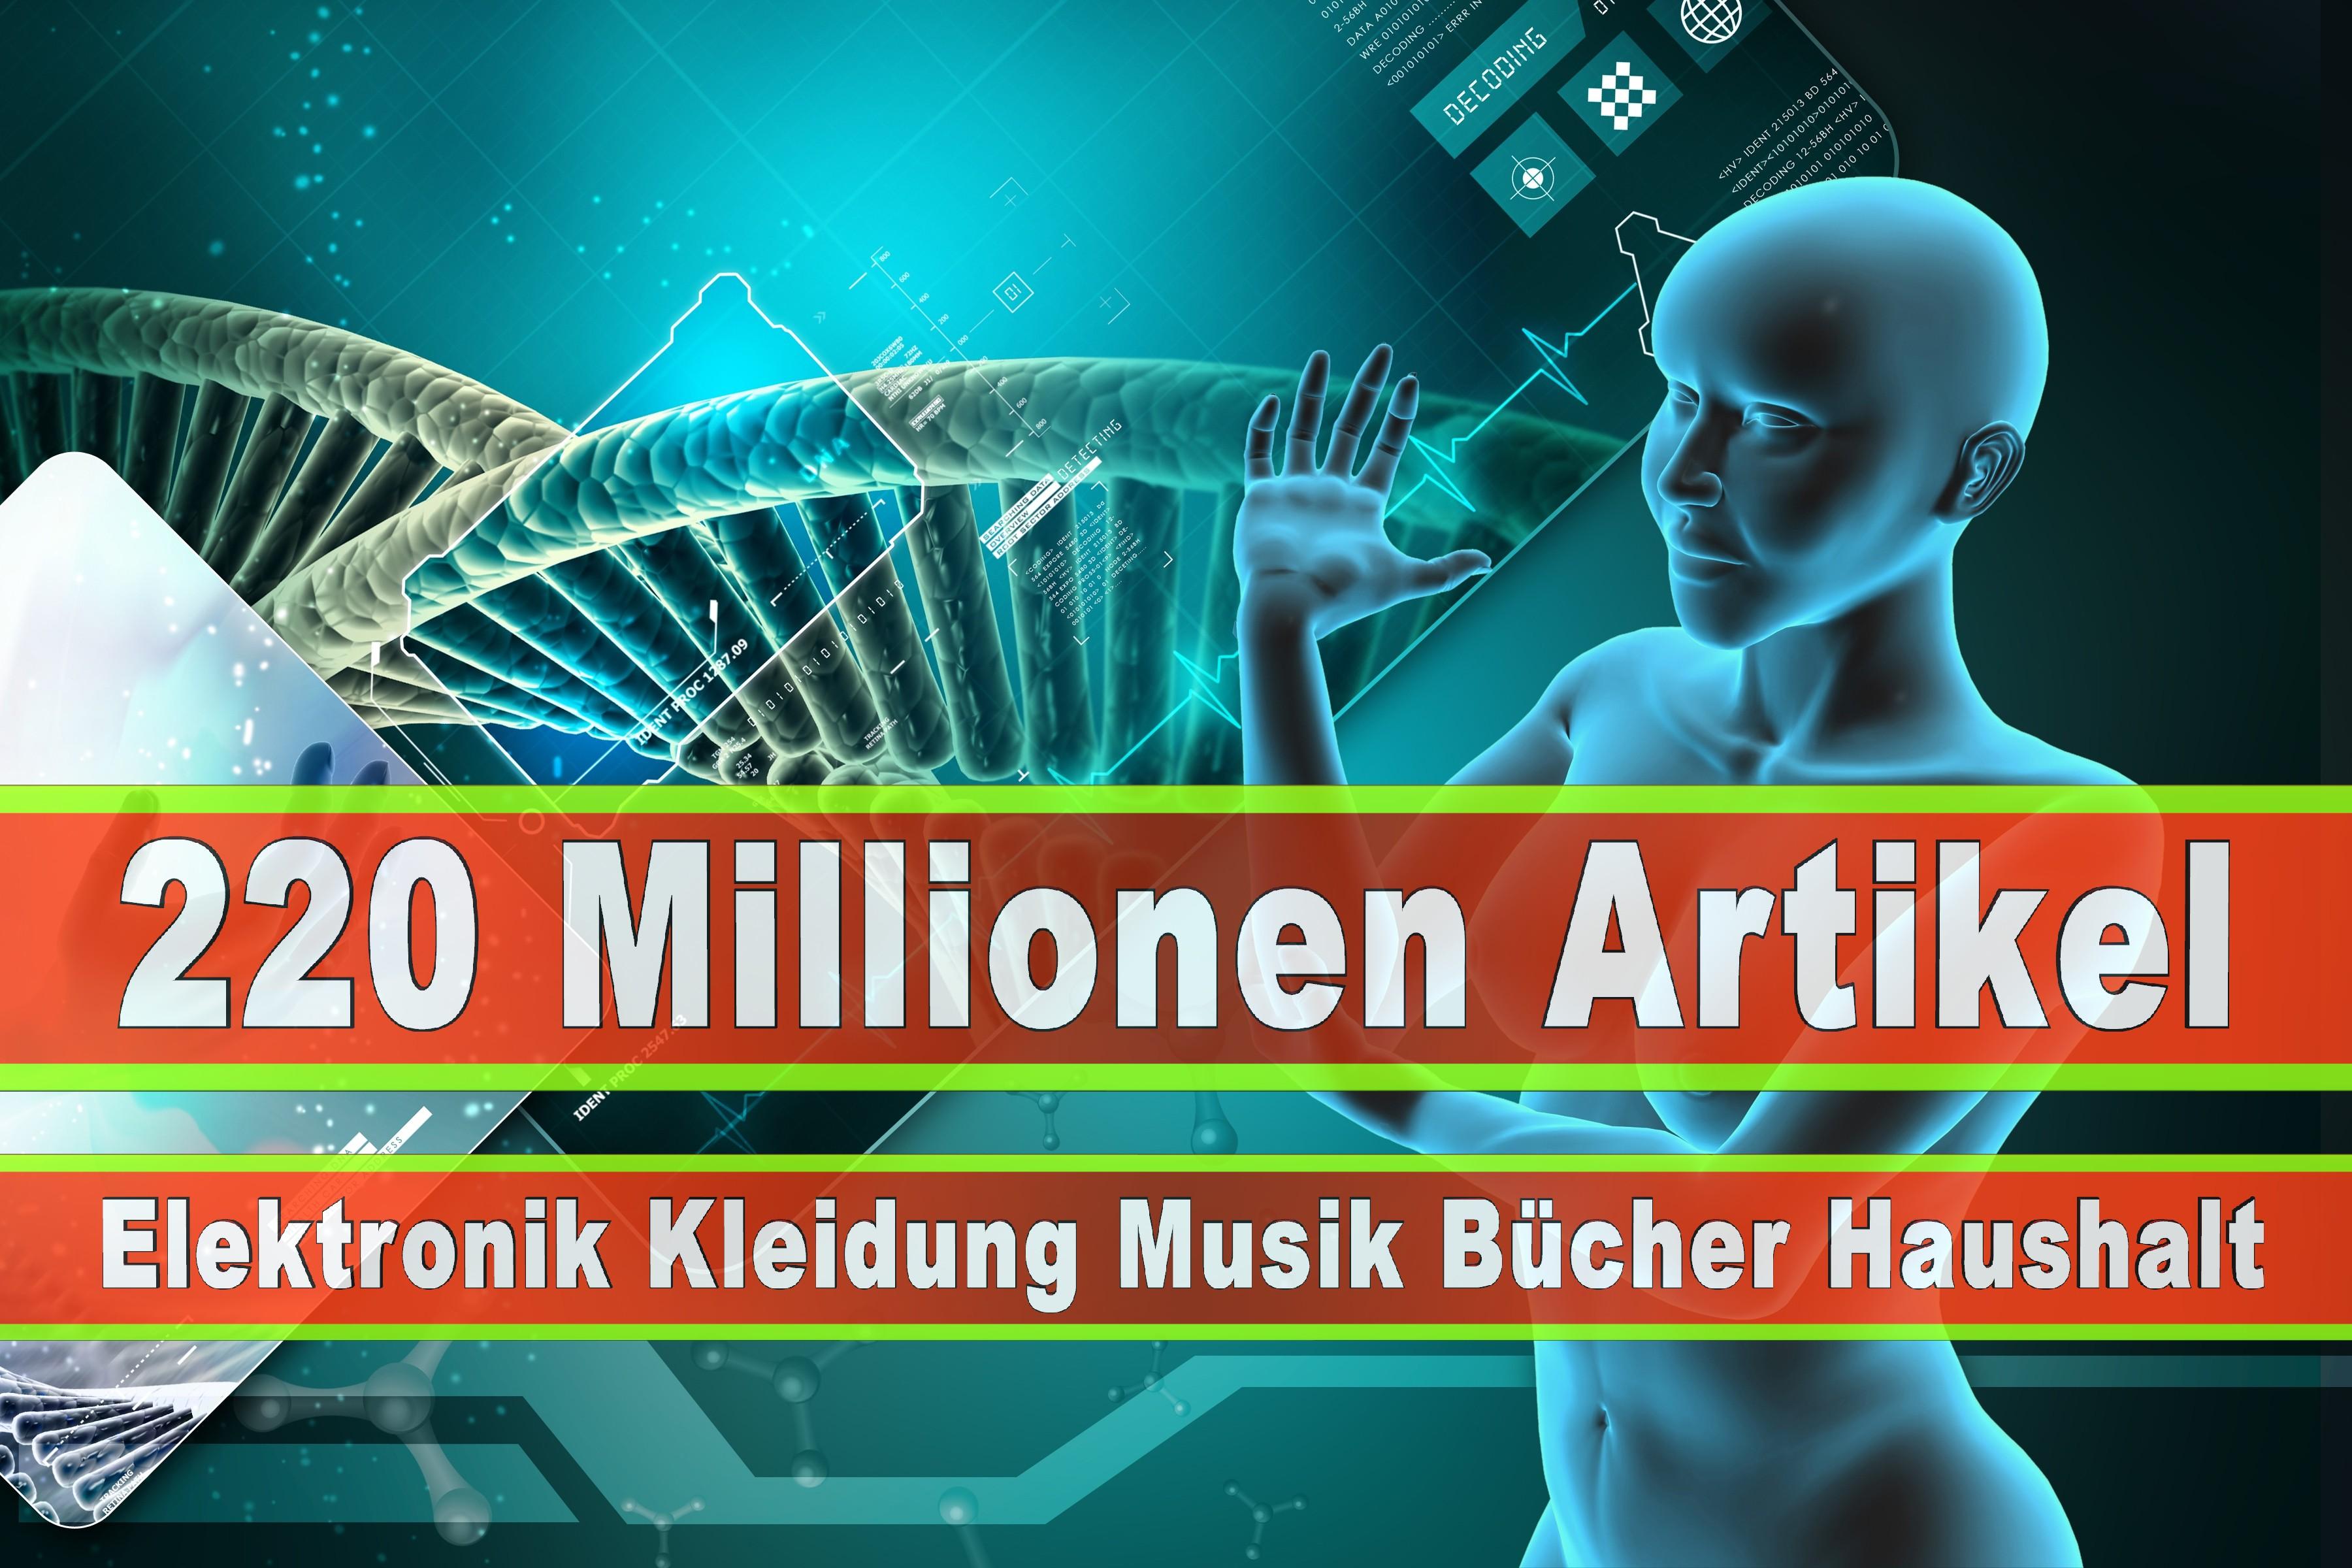 Amazon Elektronik Musik Haushalt Bücher CD DVD Handys Smartphones TV Television Fernseher Kleidung Mode Ebay Versandhaus (177)